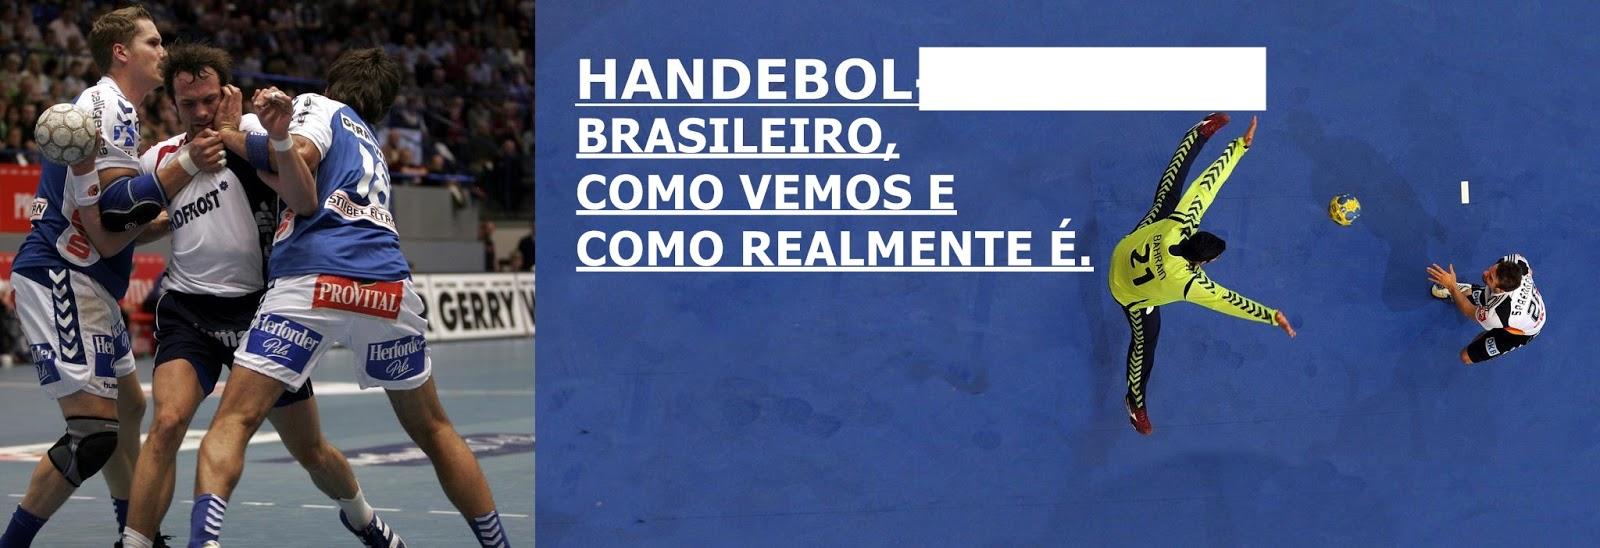 19a9fdbb7cf01 Por que será que o Handebol não é um esporte tão divulgado pela mídia  brasileira (televisão